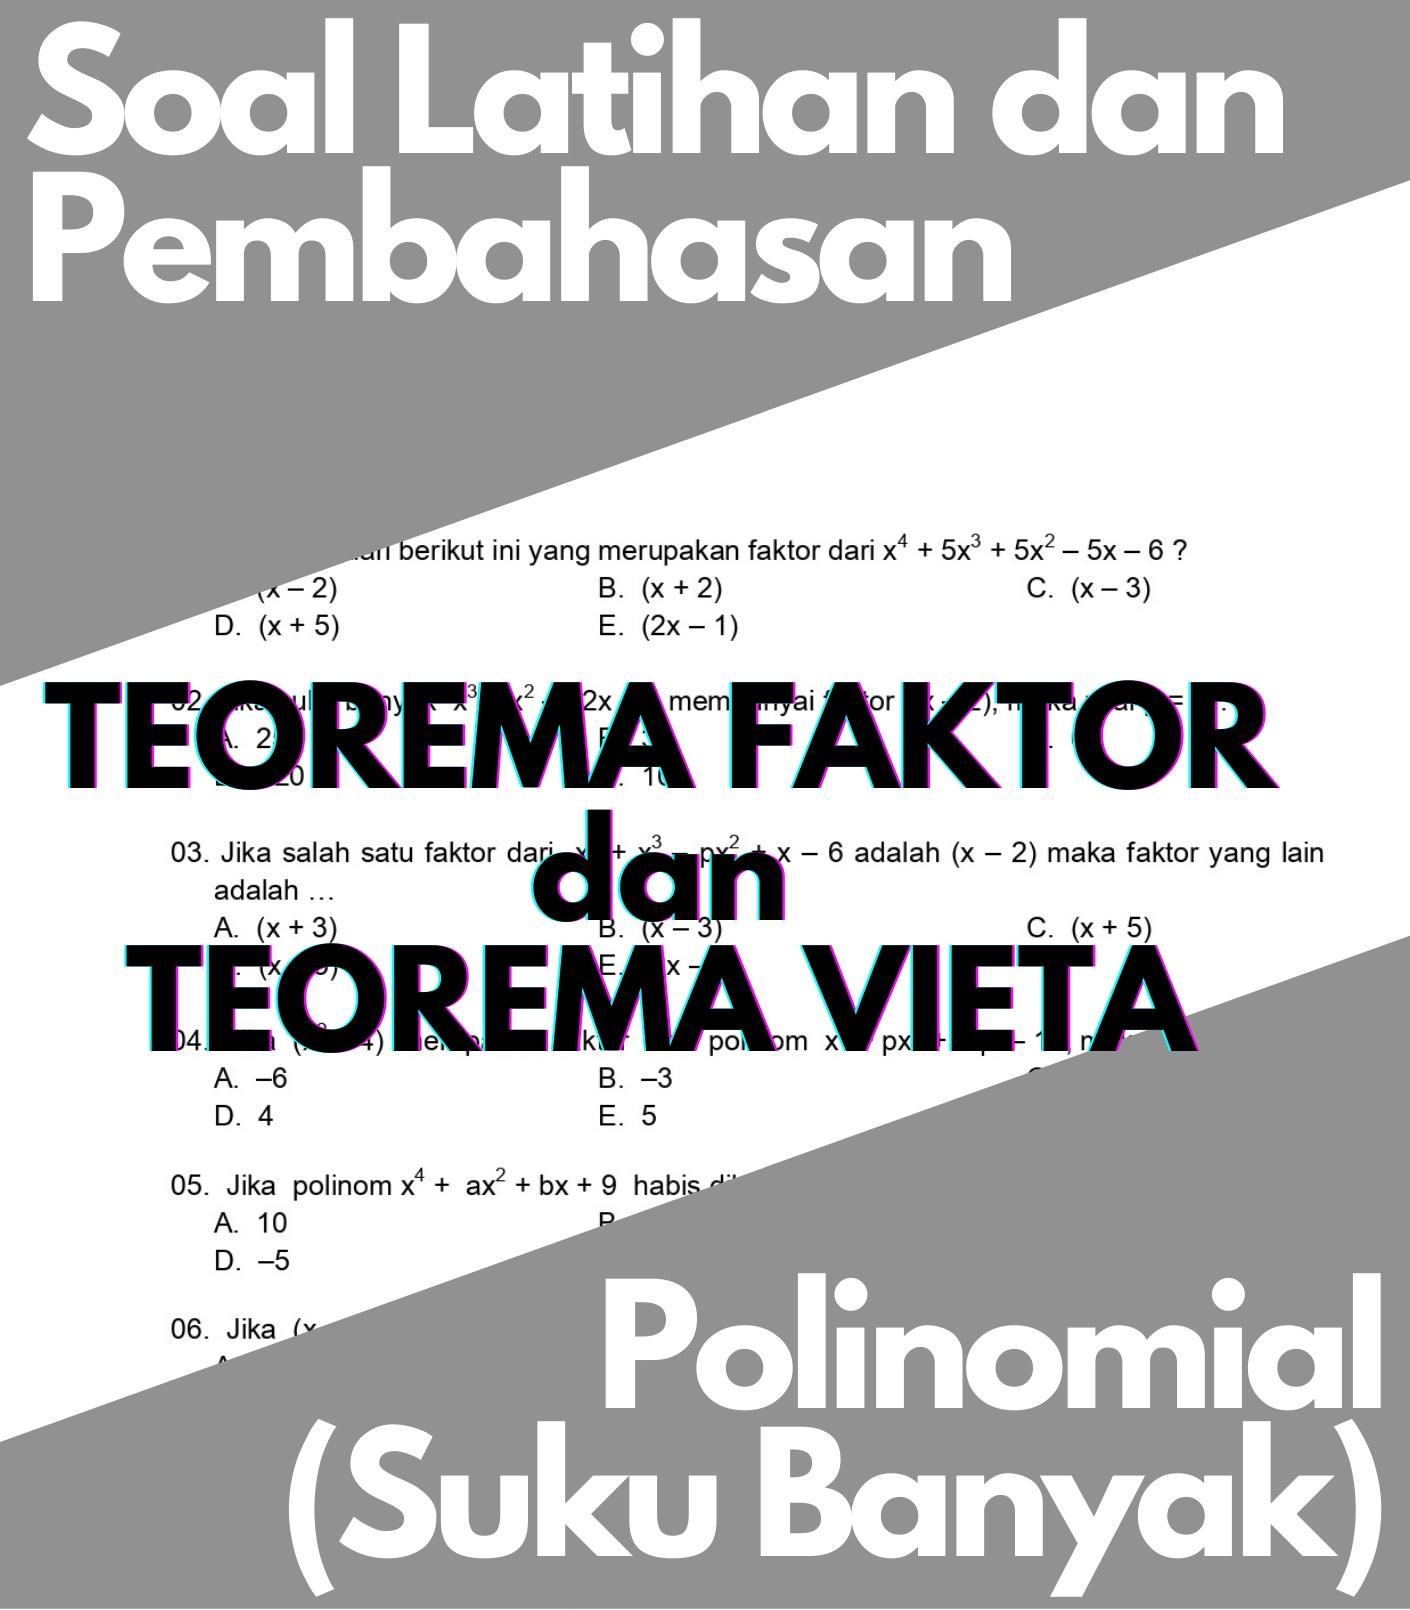 Matematika Dasar SMA: Soal Latihan dan Pembahasan Teorema Faktor dan Teorema Vieta Pada Suku Banyak (Polinomial)